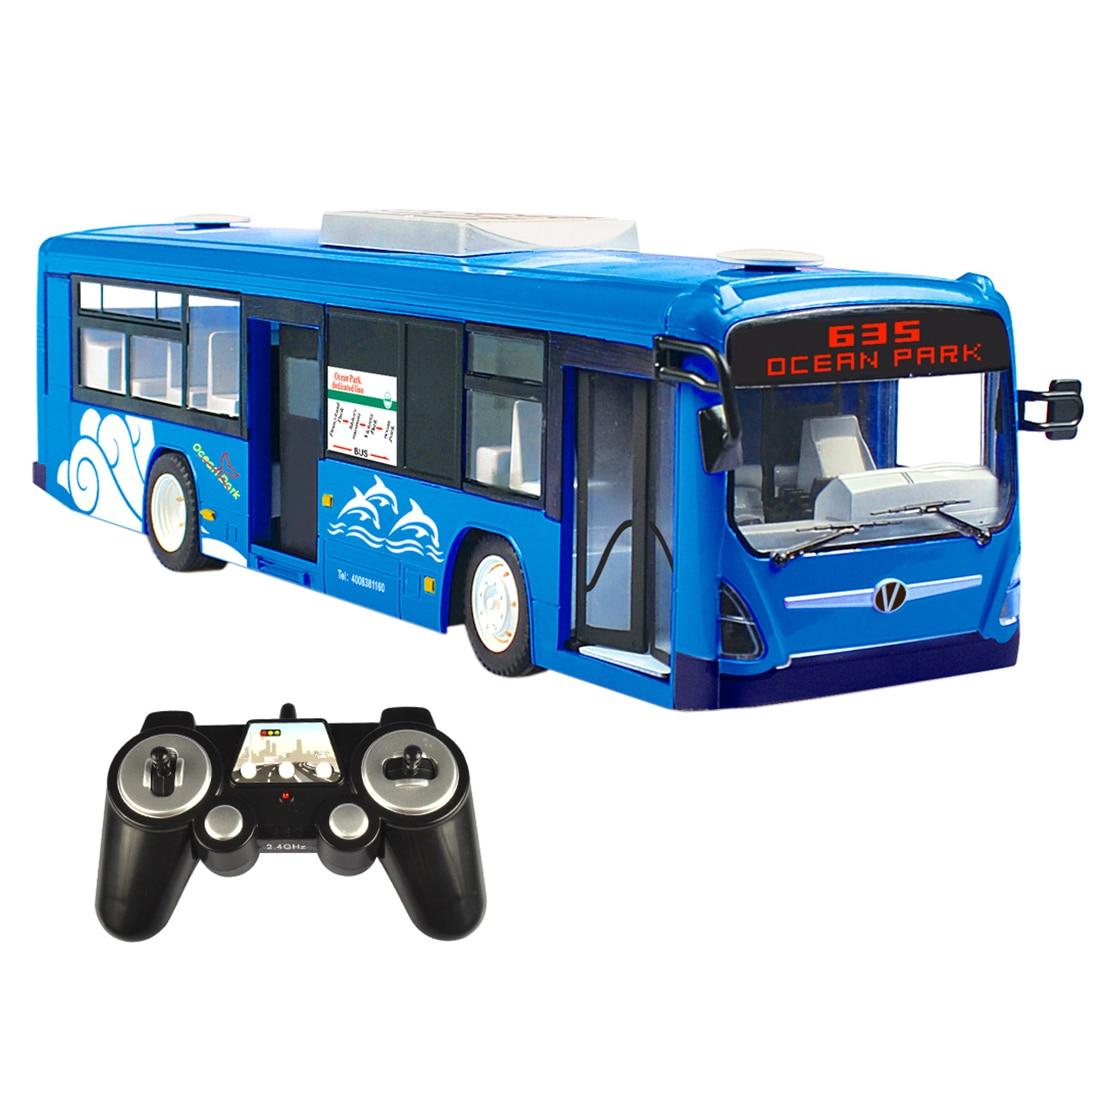 Rowsfire 2.4g été Rc voiture Bus ville Express modèle Rc jouet voiture avec lumière réaliste et son-télécommande Bus jouets rouge/bleu